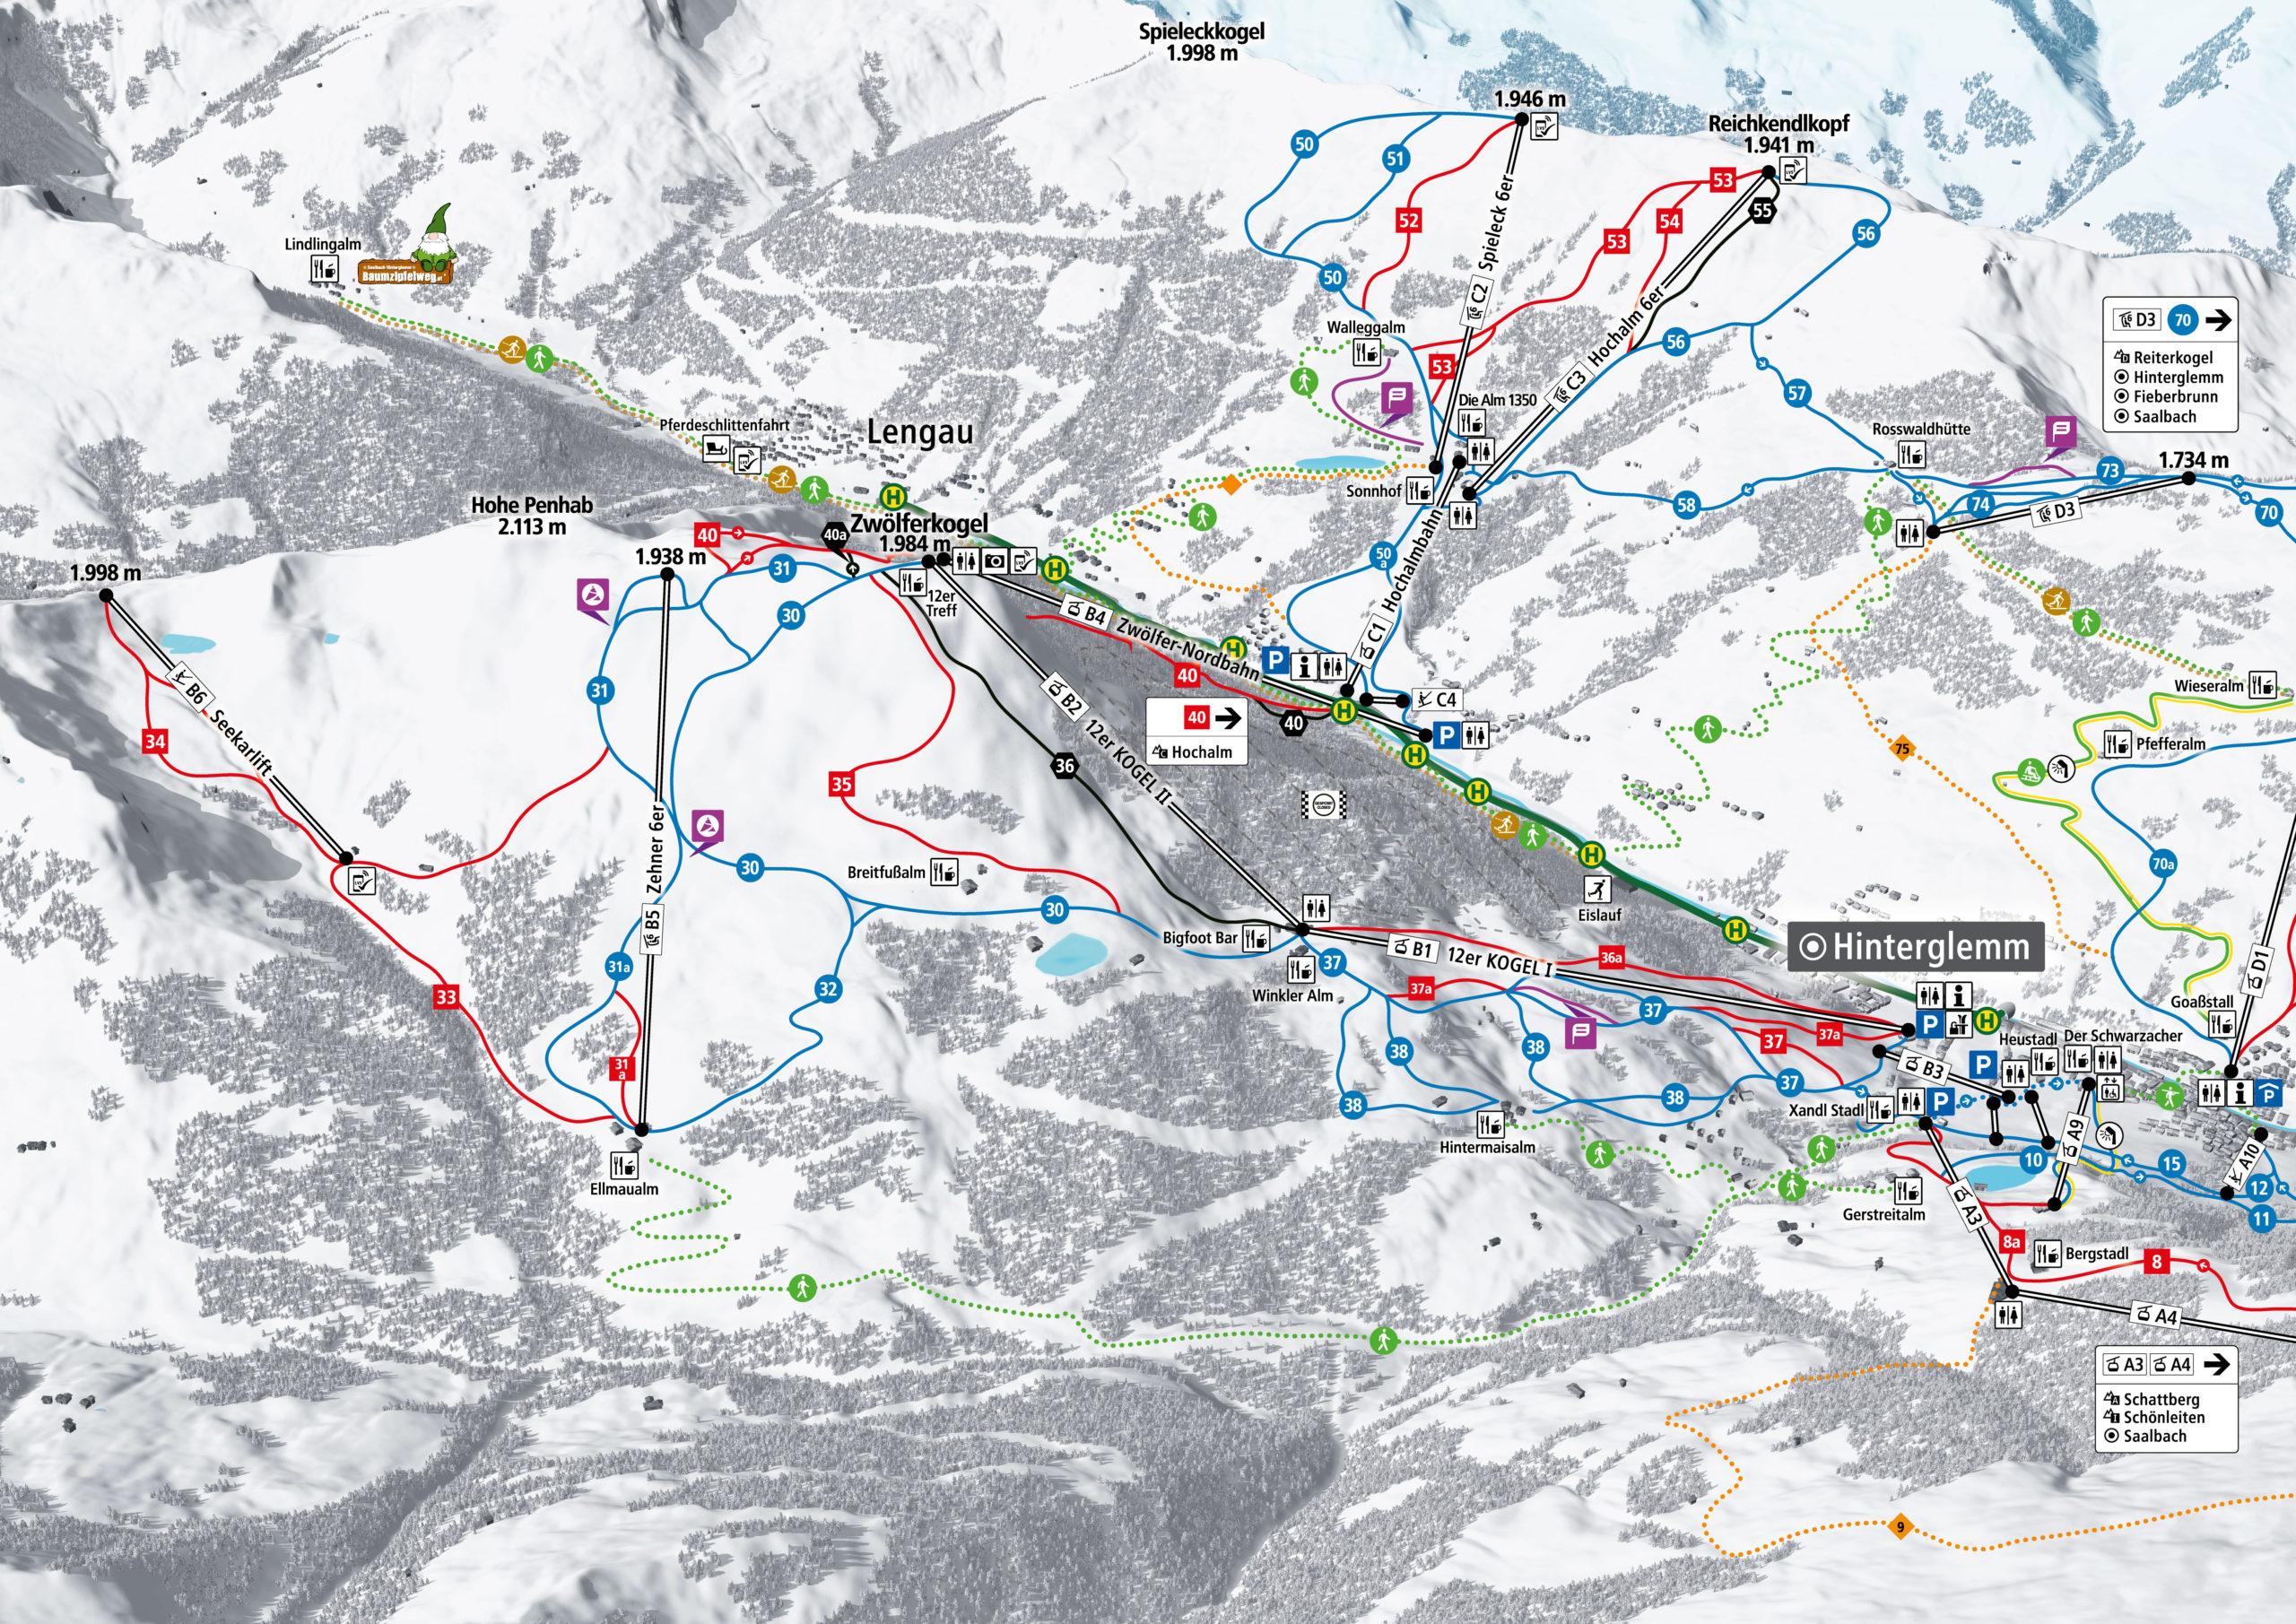 3D Pistenplan und Panoramakarte Skicircus Saalbach Hinterglemm Leogang Fieberbrunn Zone B Zwoelferkogel